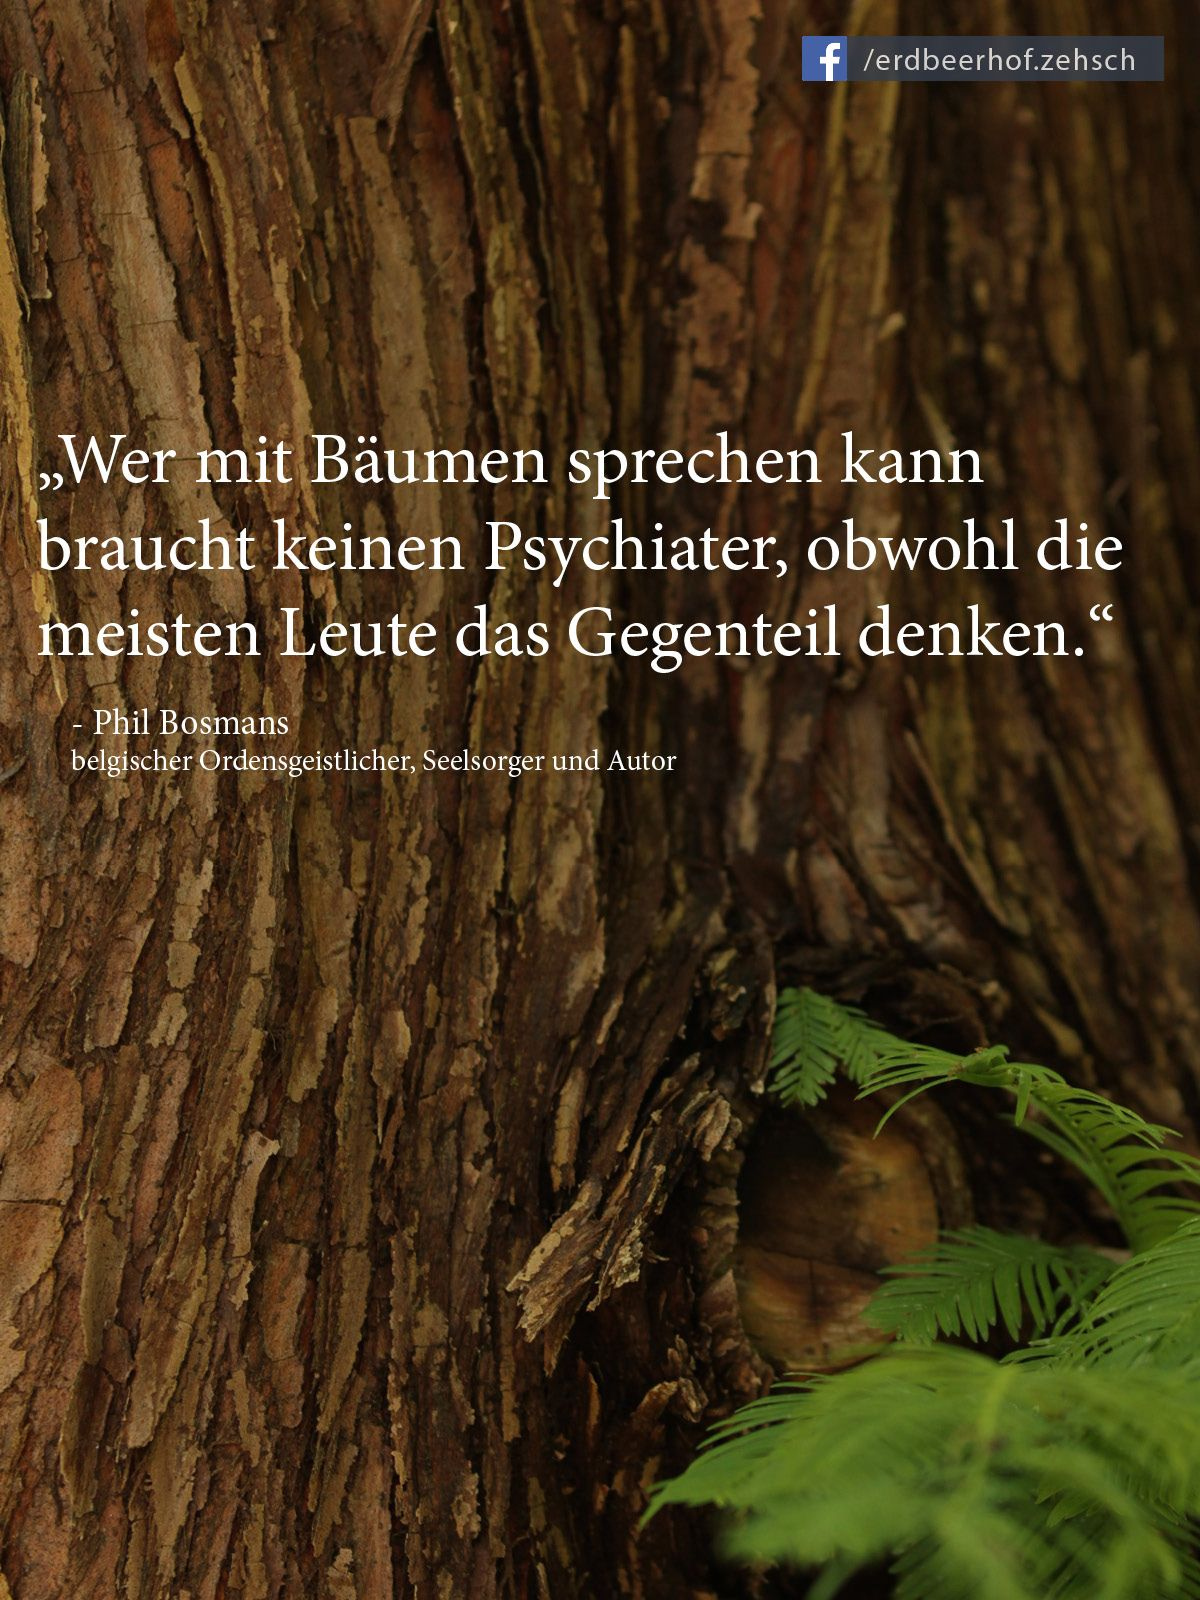 Pin Von Brigitte Lpunkt Auf Sprüche Baum Zitate Zitate